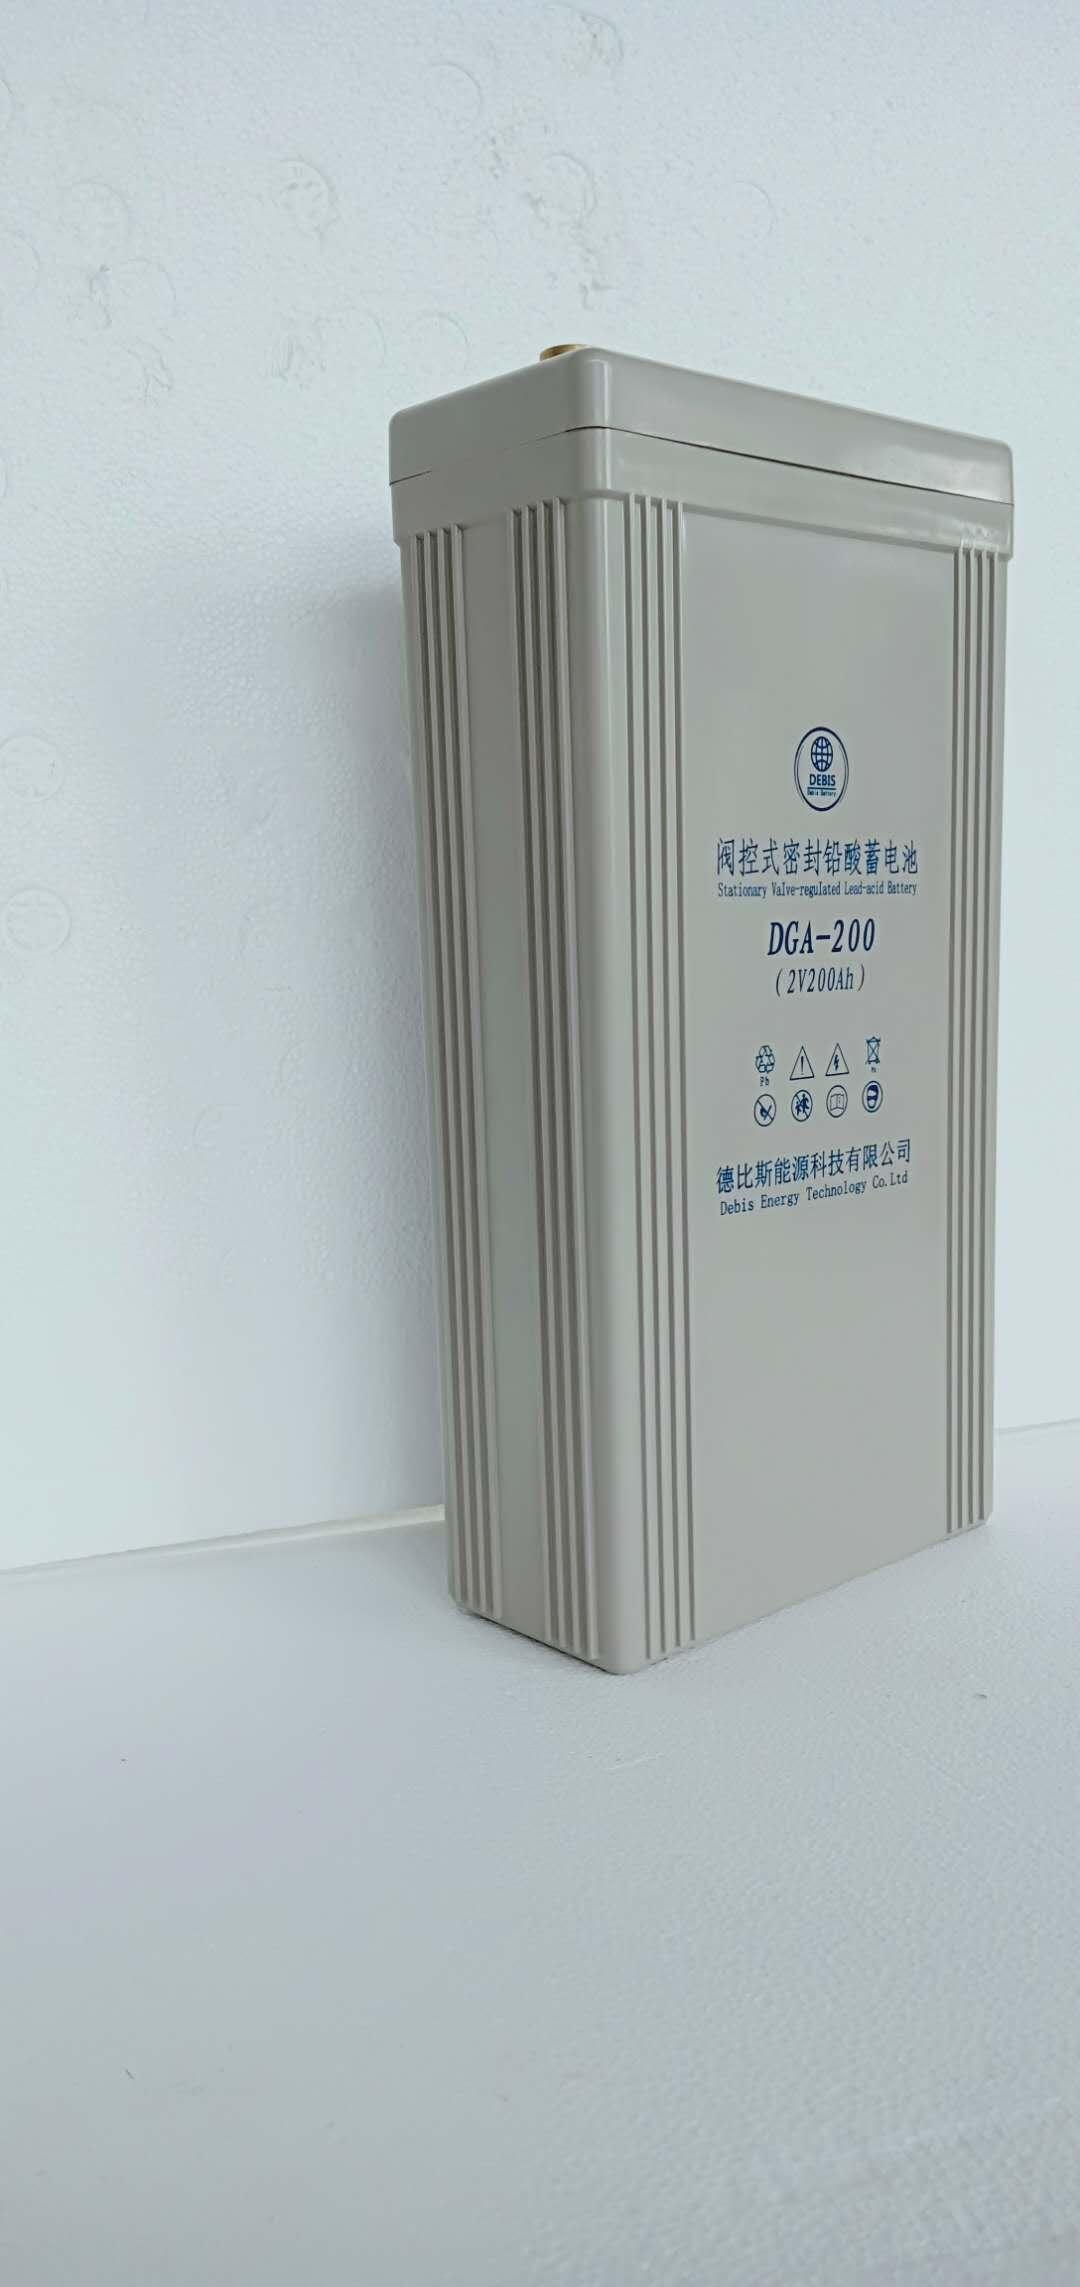 供应德比斯电池,普通铅酸蓄电池